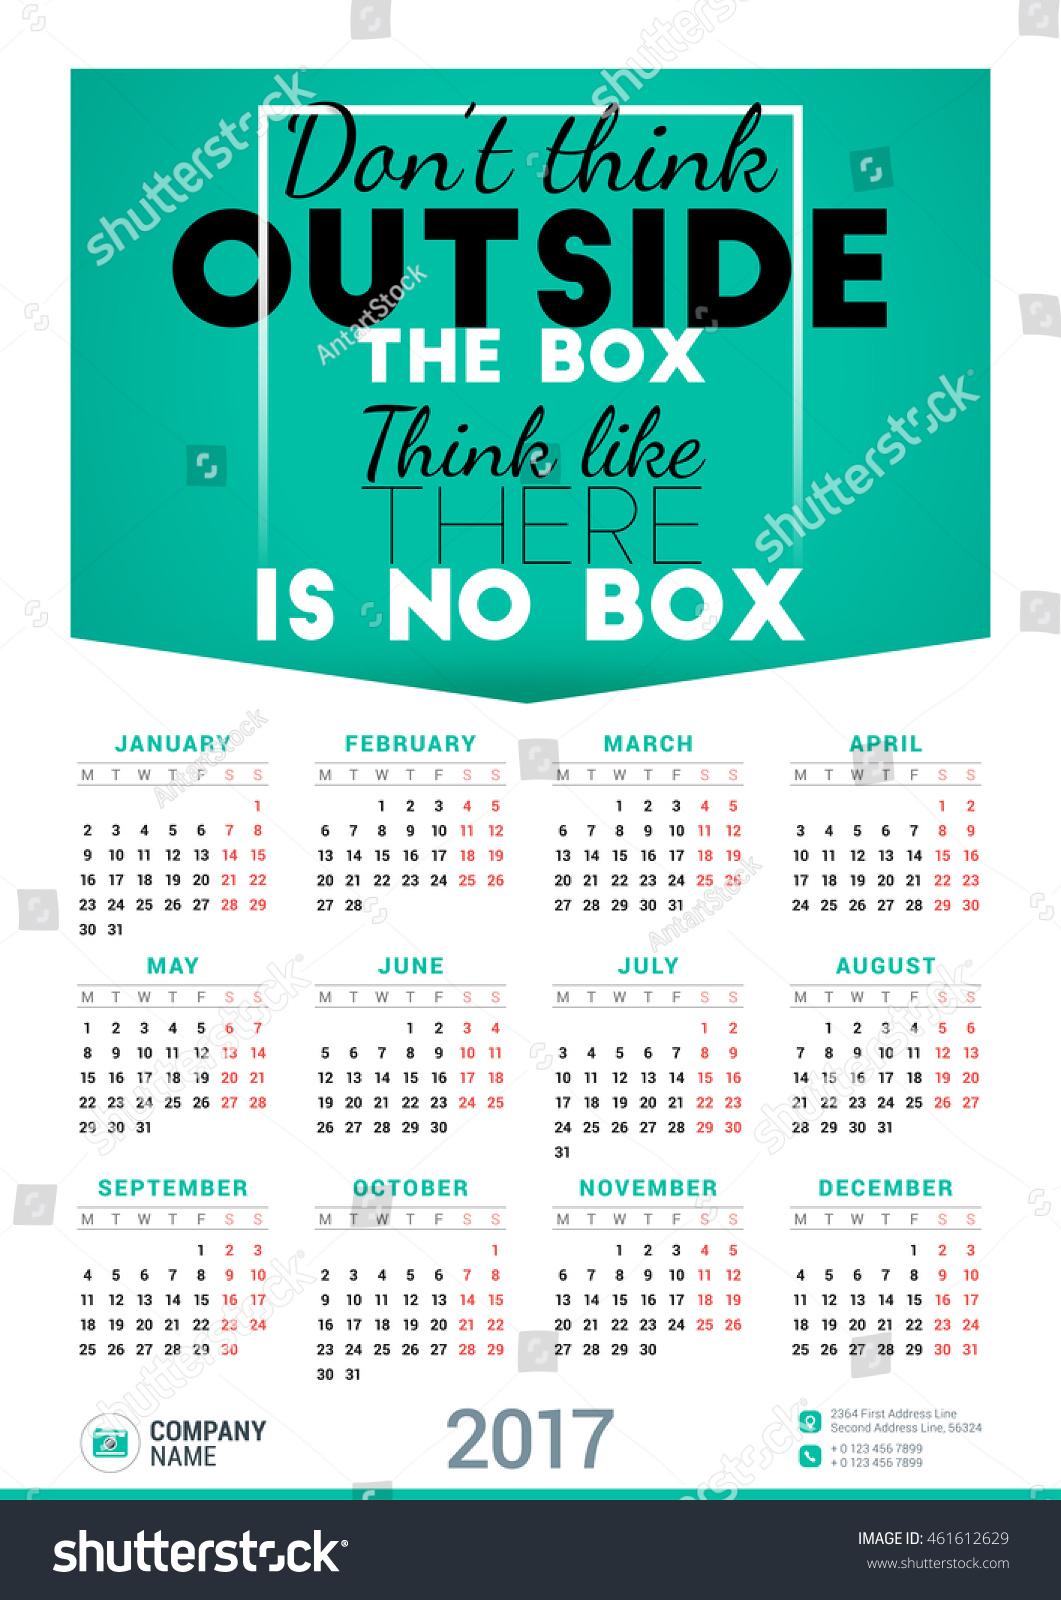 pic 2017 Poster Calendar Template shutterstock